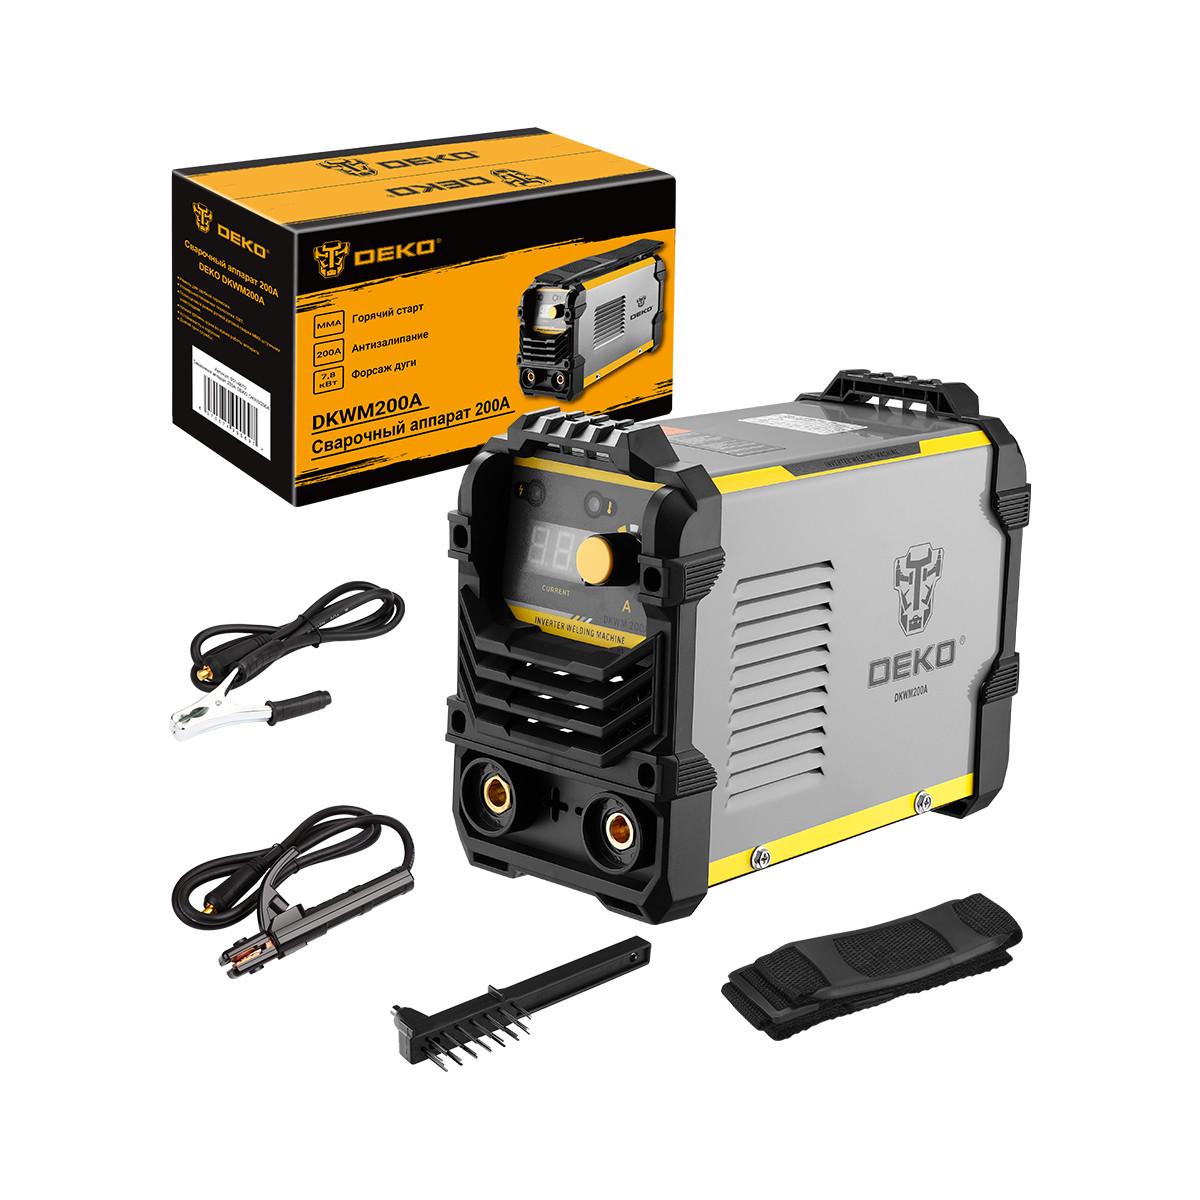 Дуговой сварочный инвертор DEKO DKWM200A 200 А до 5 мм 051-4670